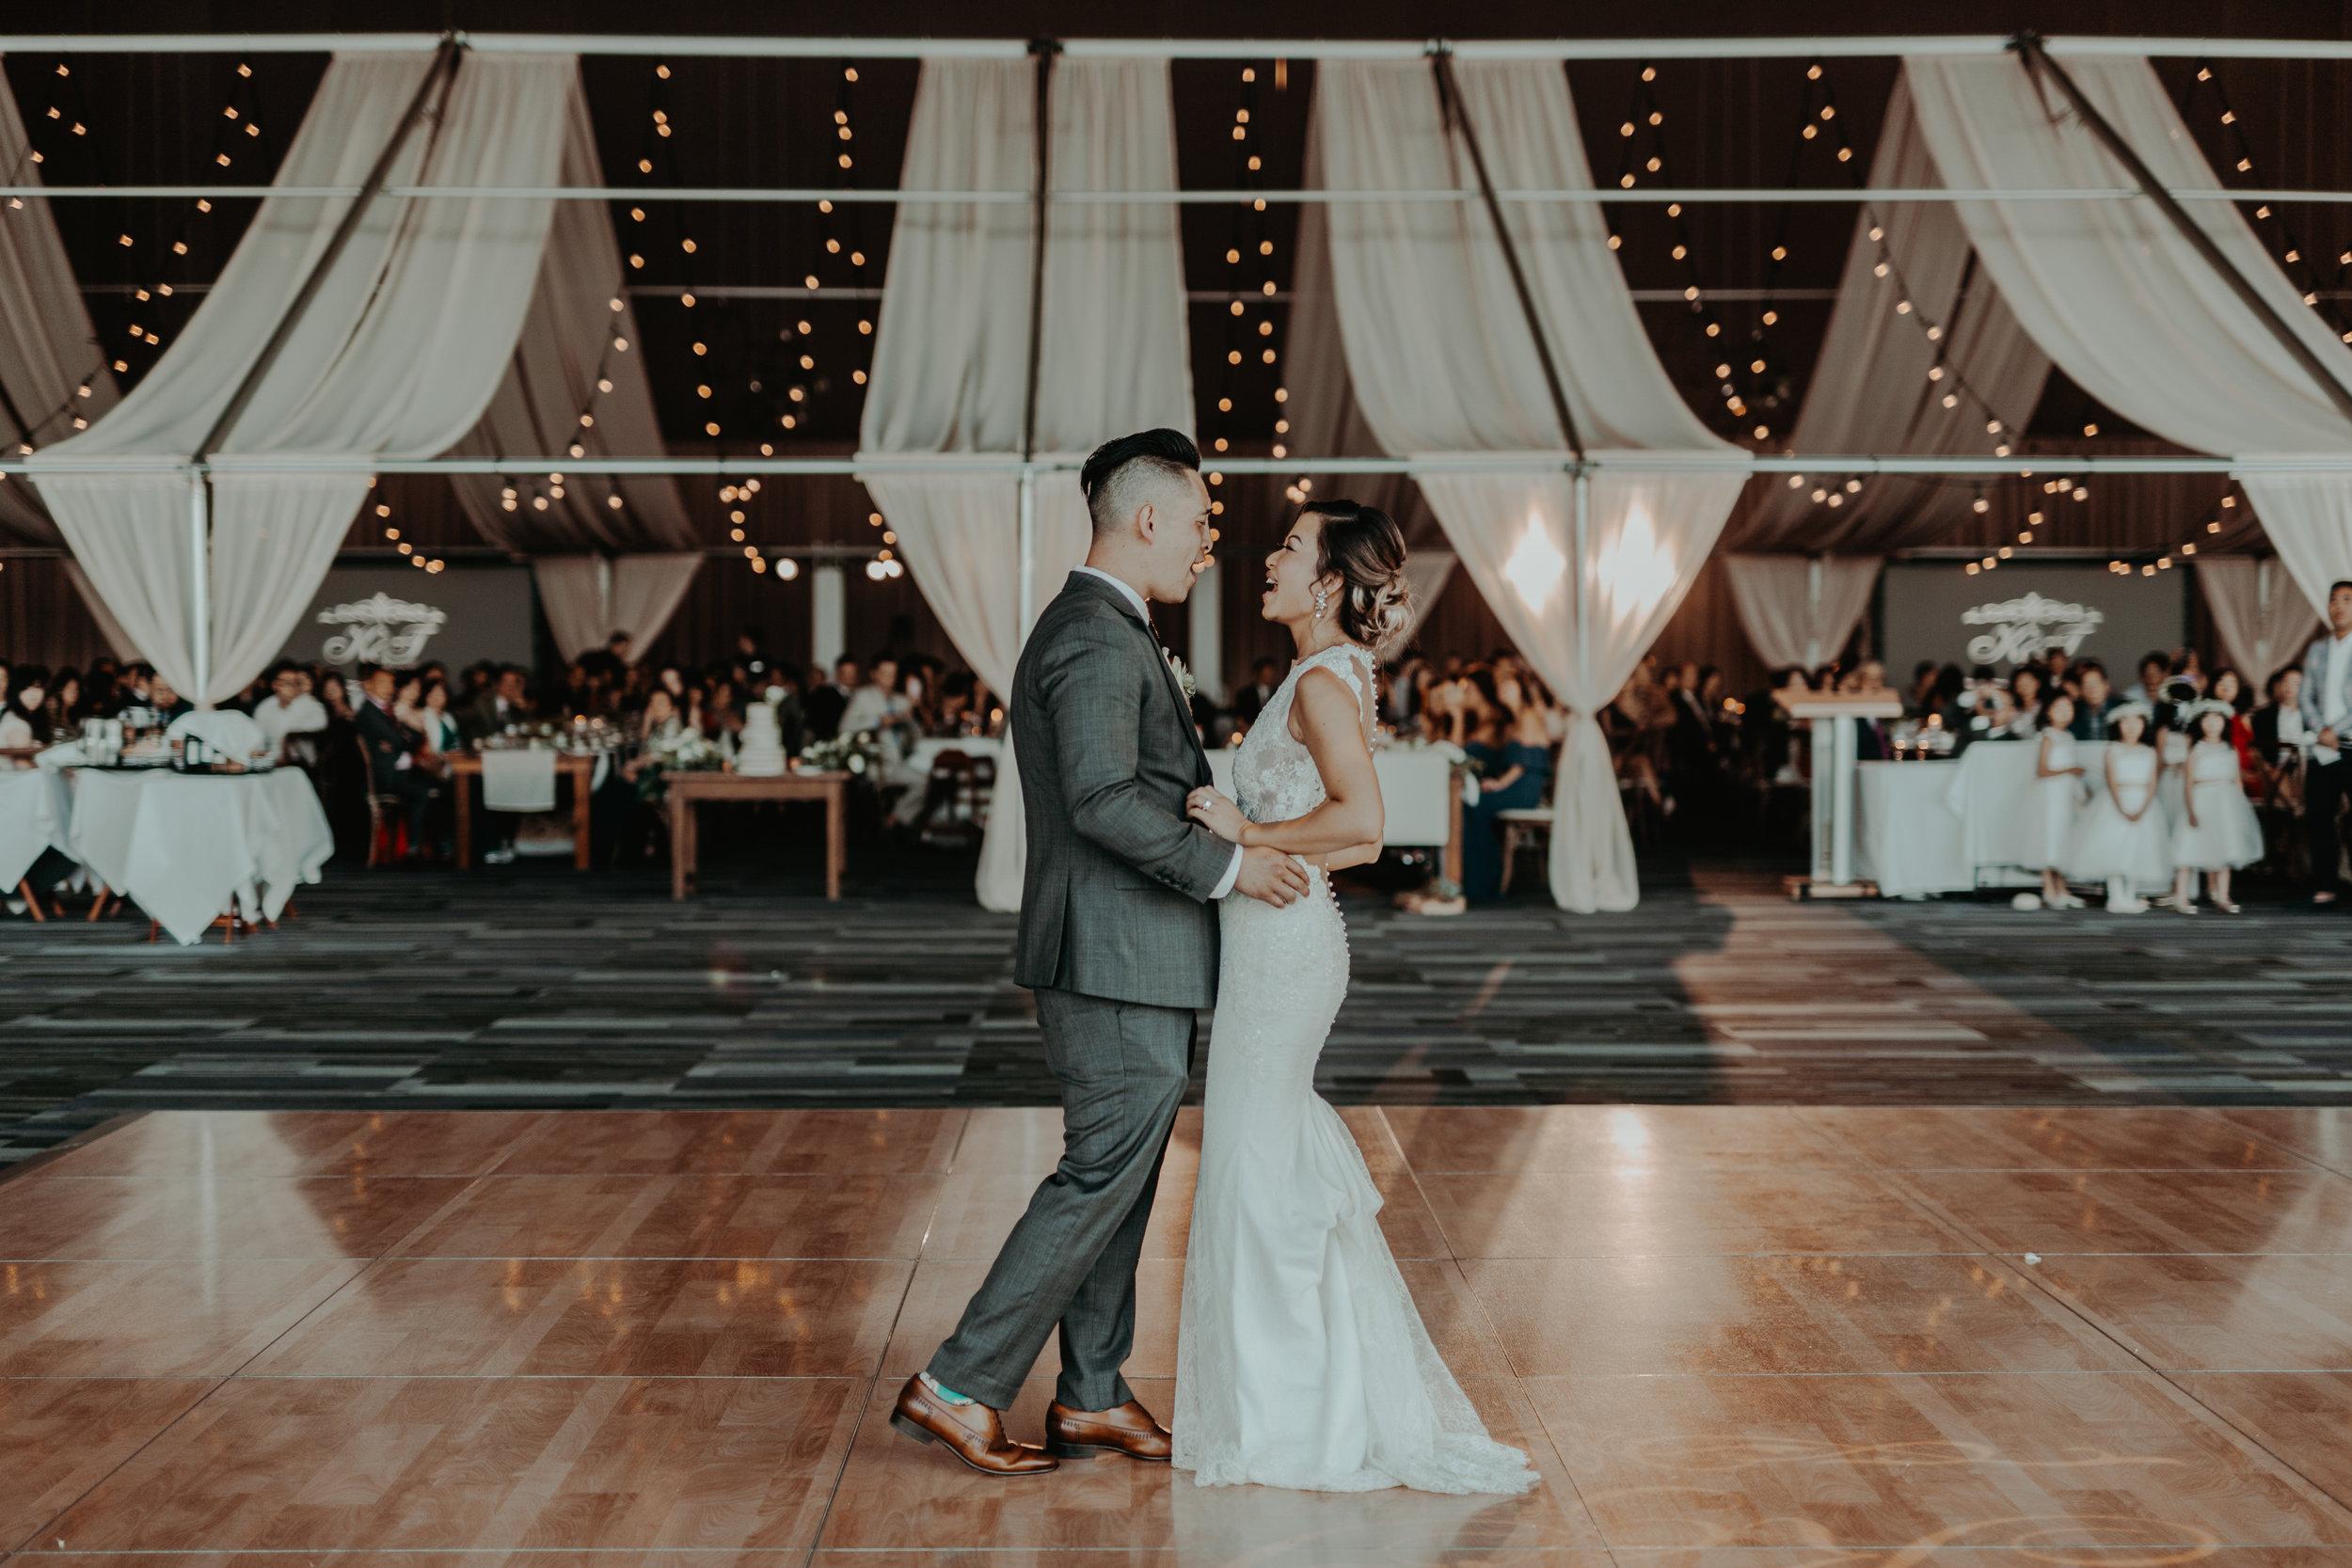 HARIKAPHOTO_WeddingPhotography-73.jpg